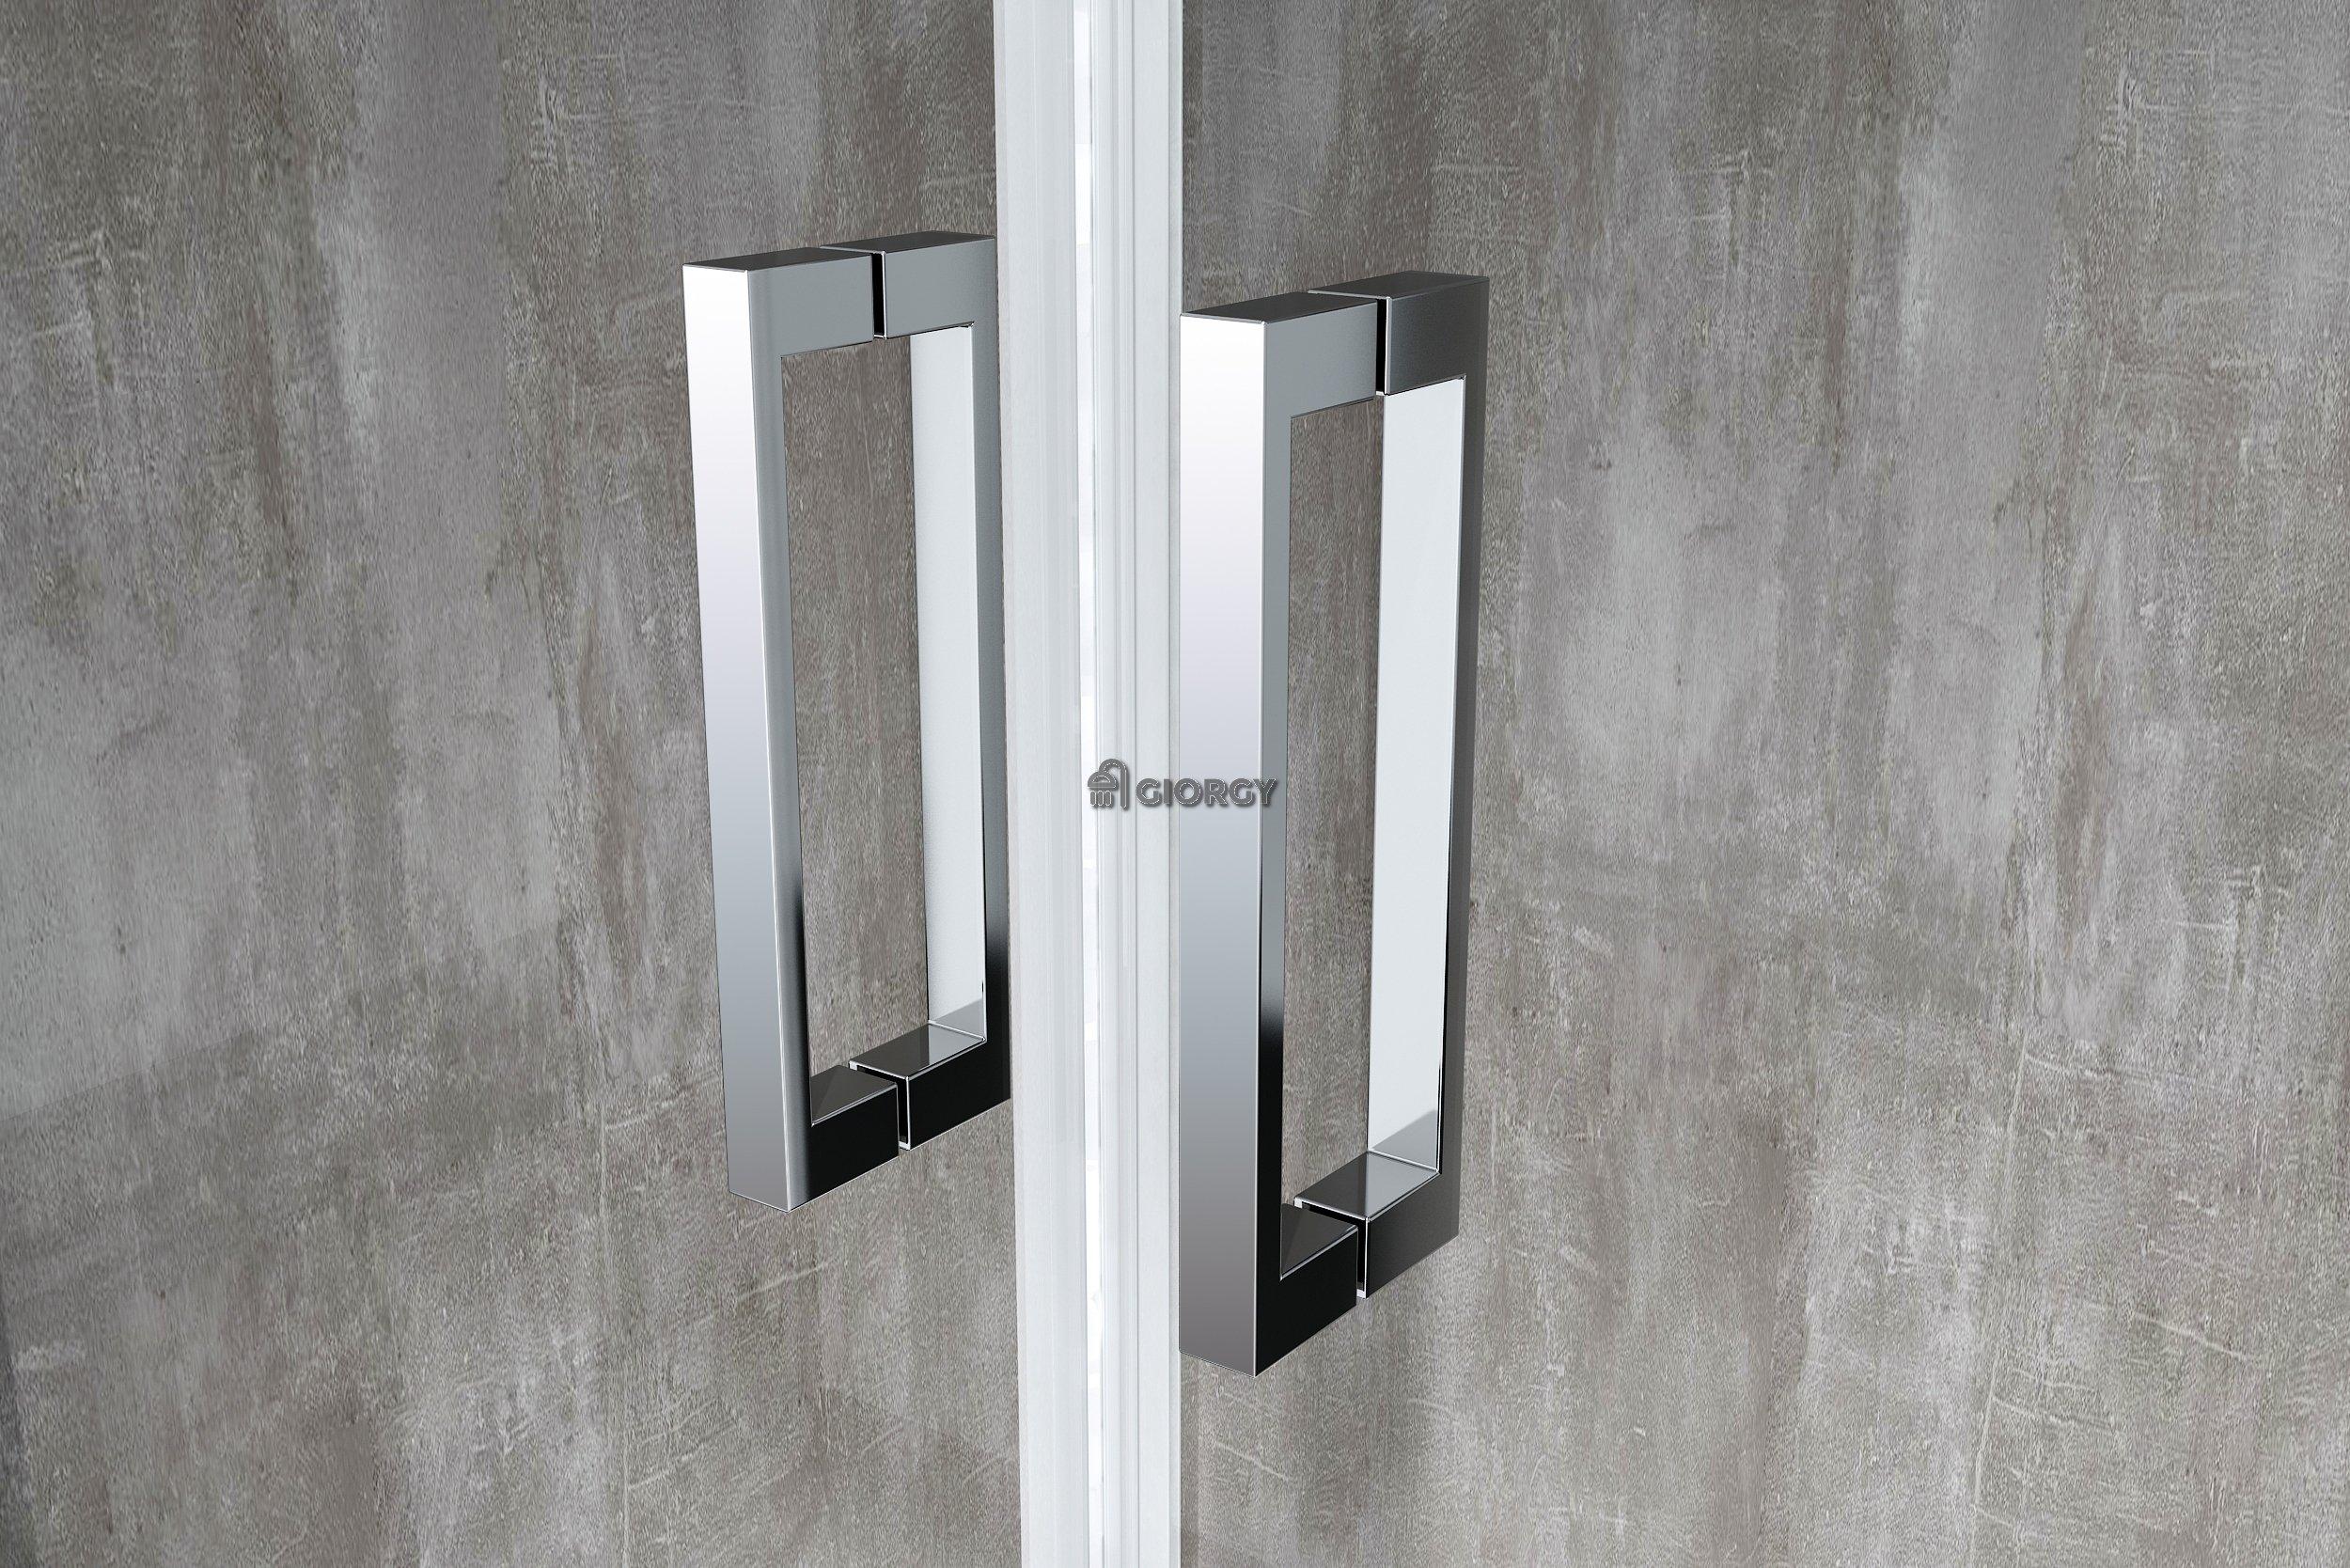 Porta battente saloon 2 lati fissi box doccia 6 mm cromo for Porta battente